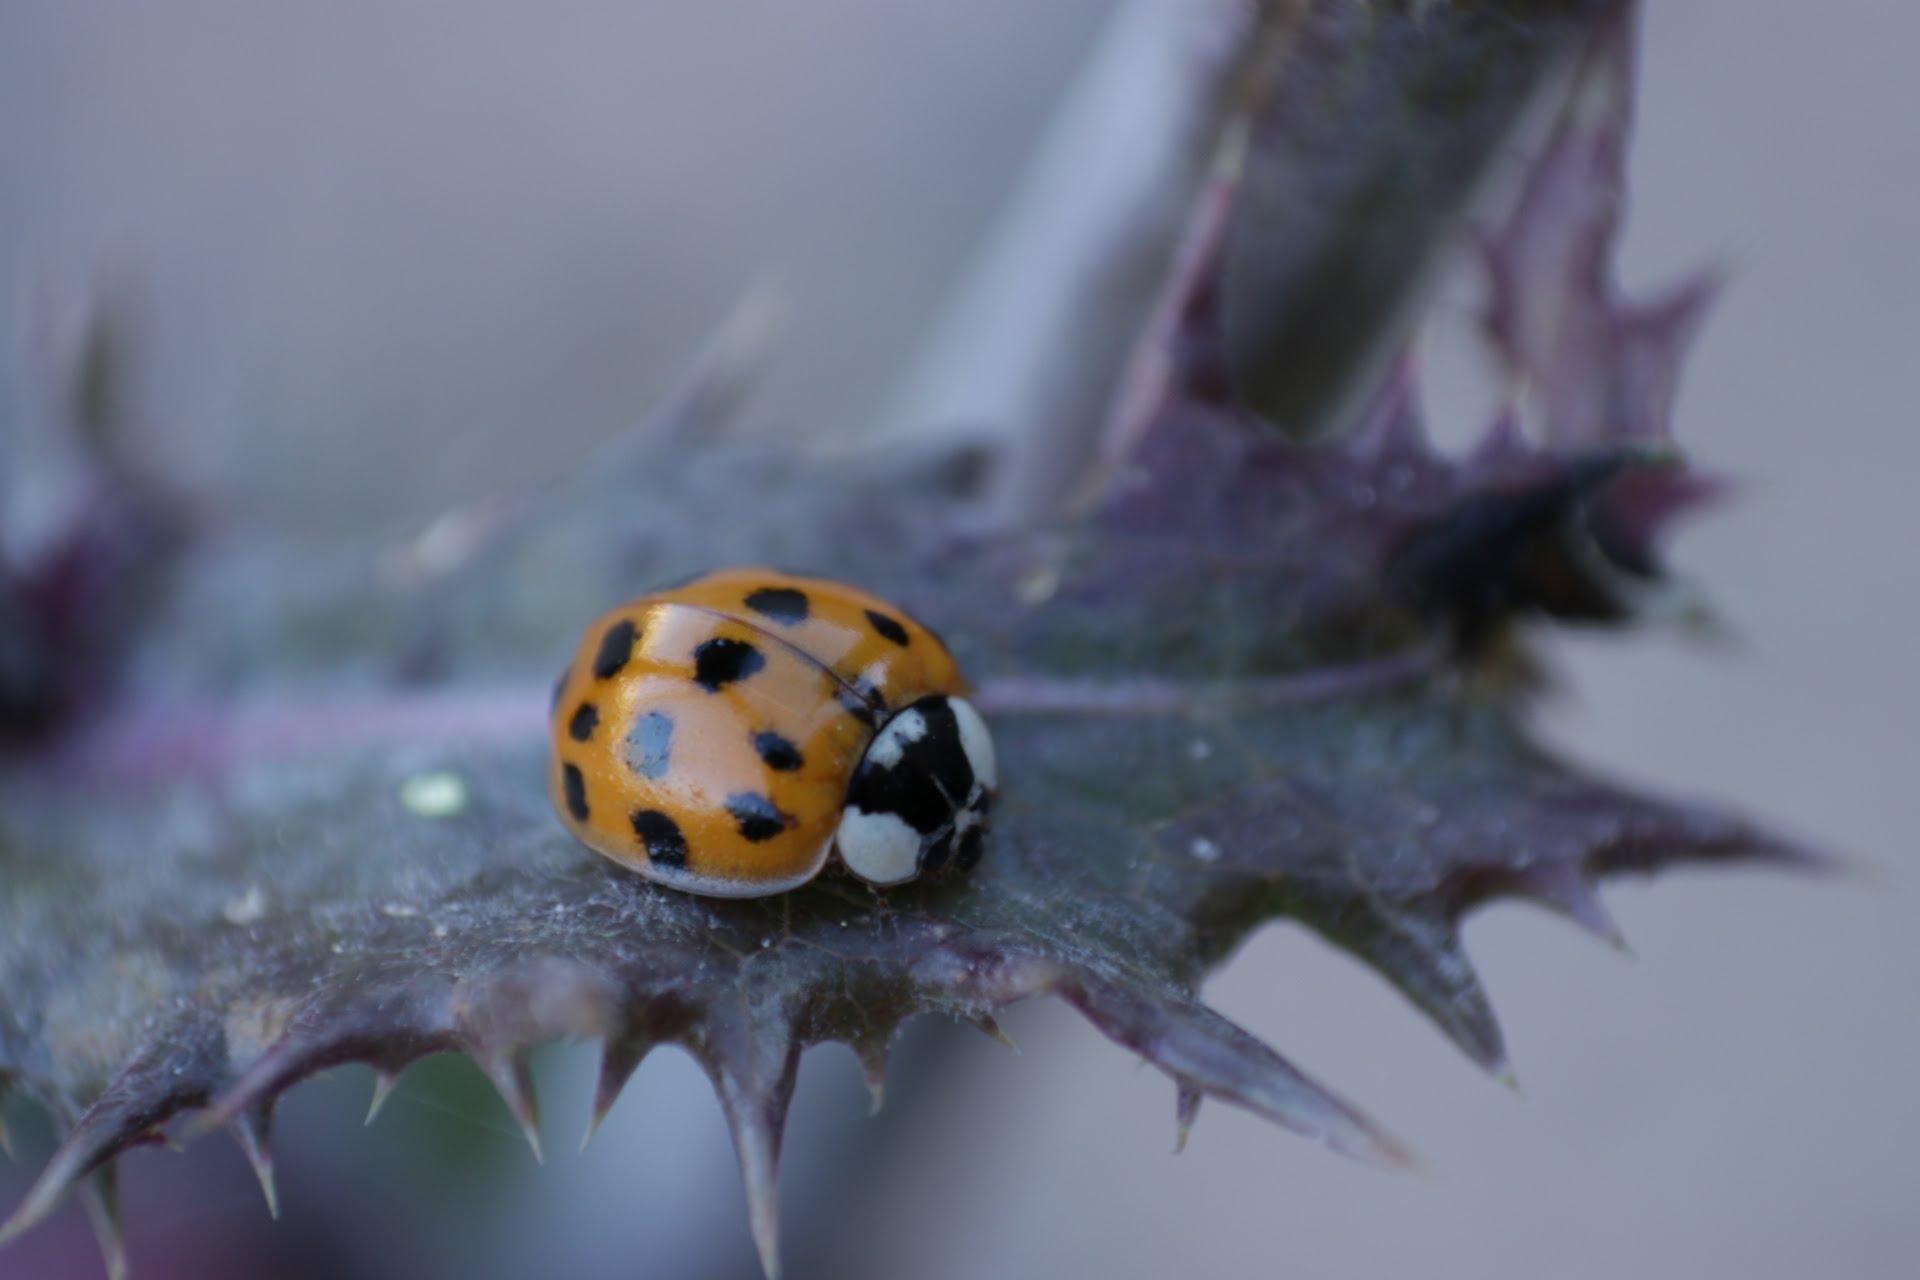 Ladybug on nettle